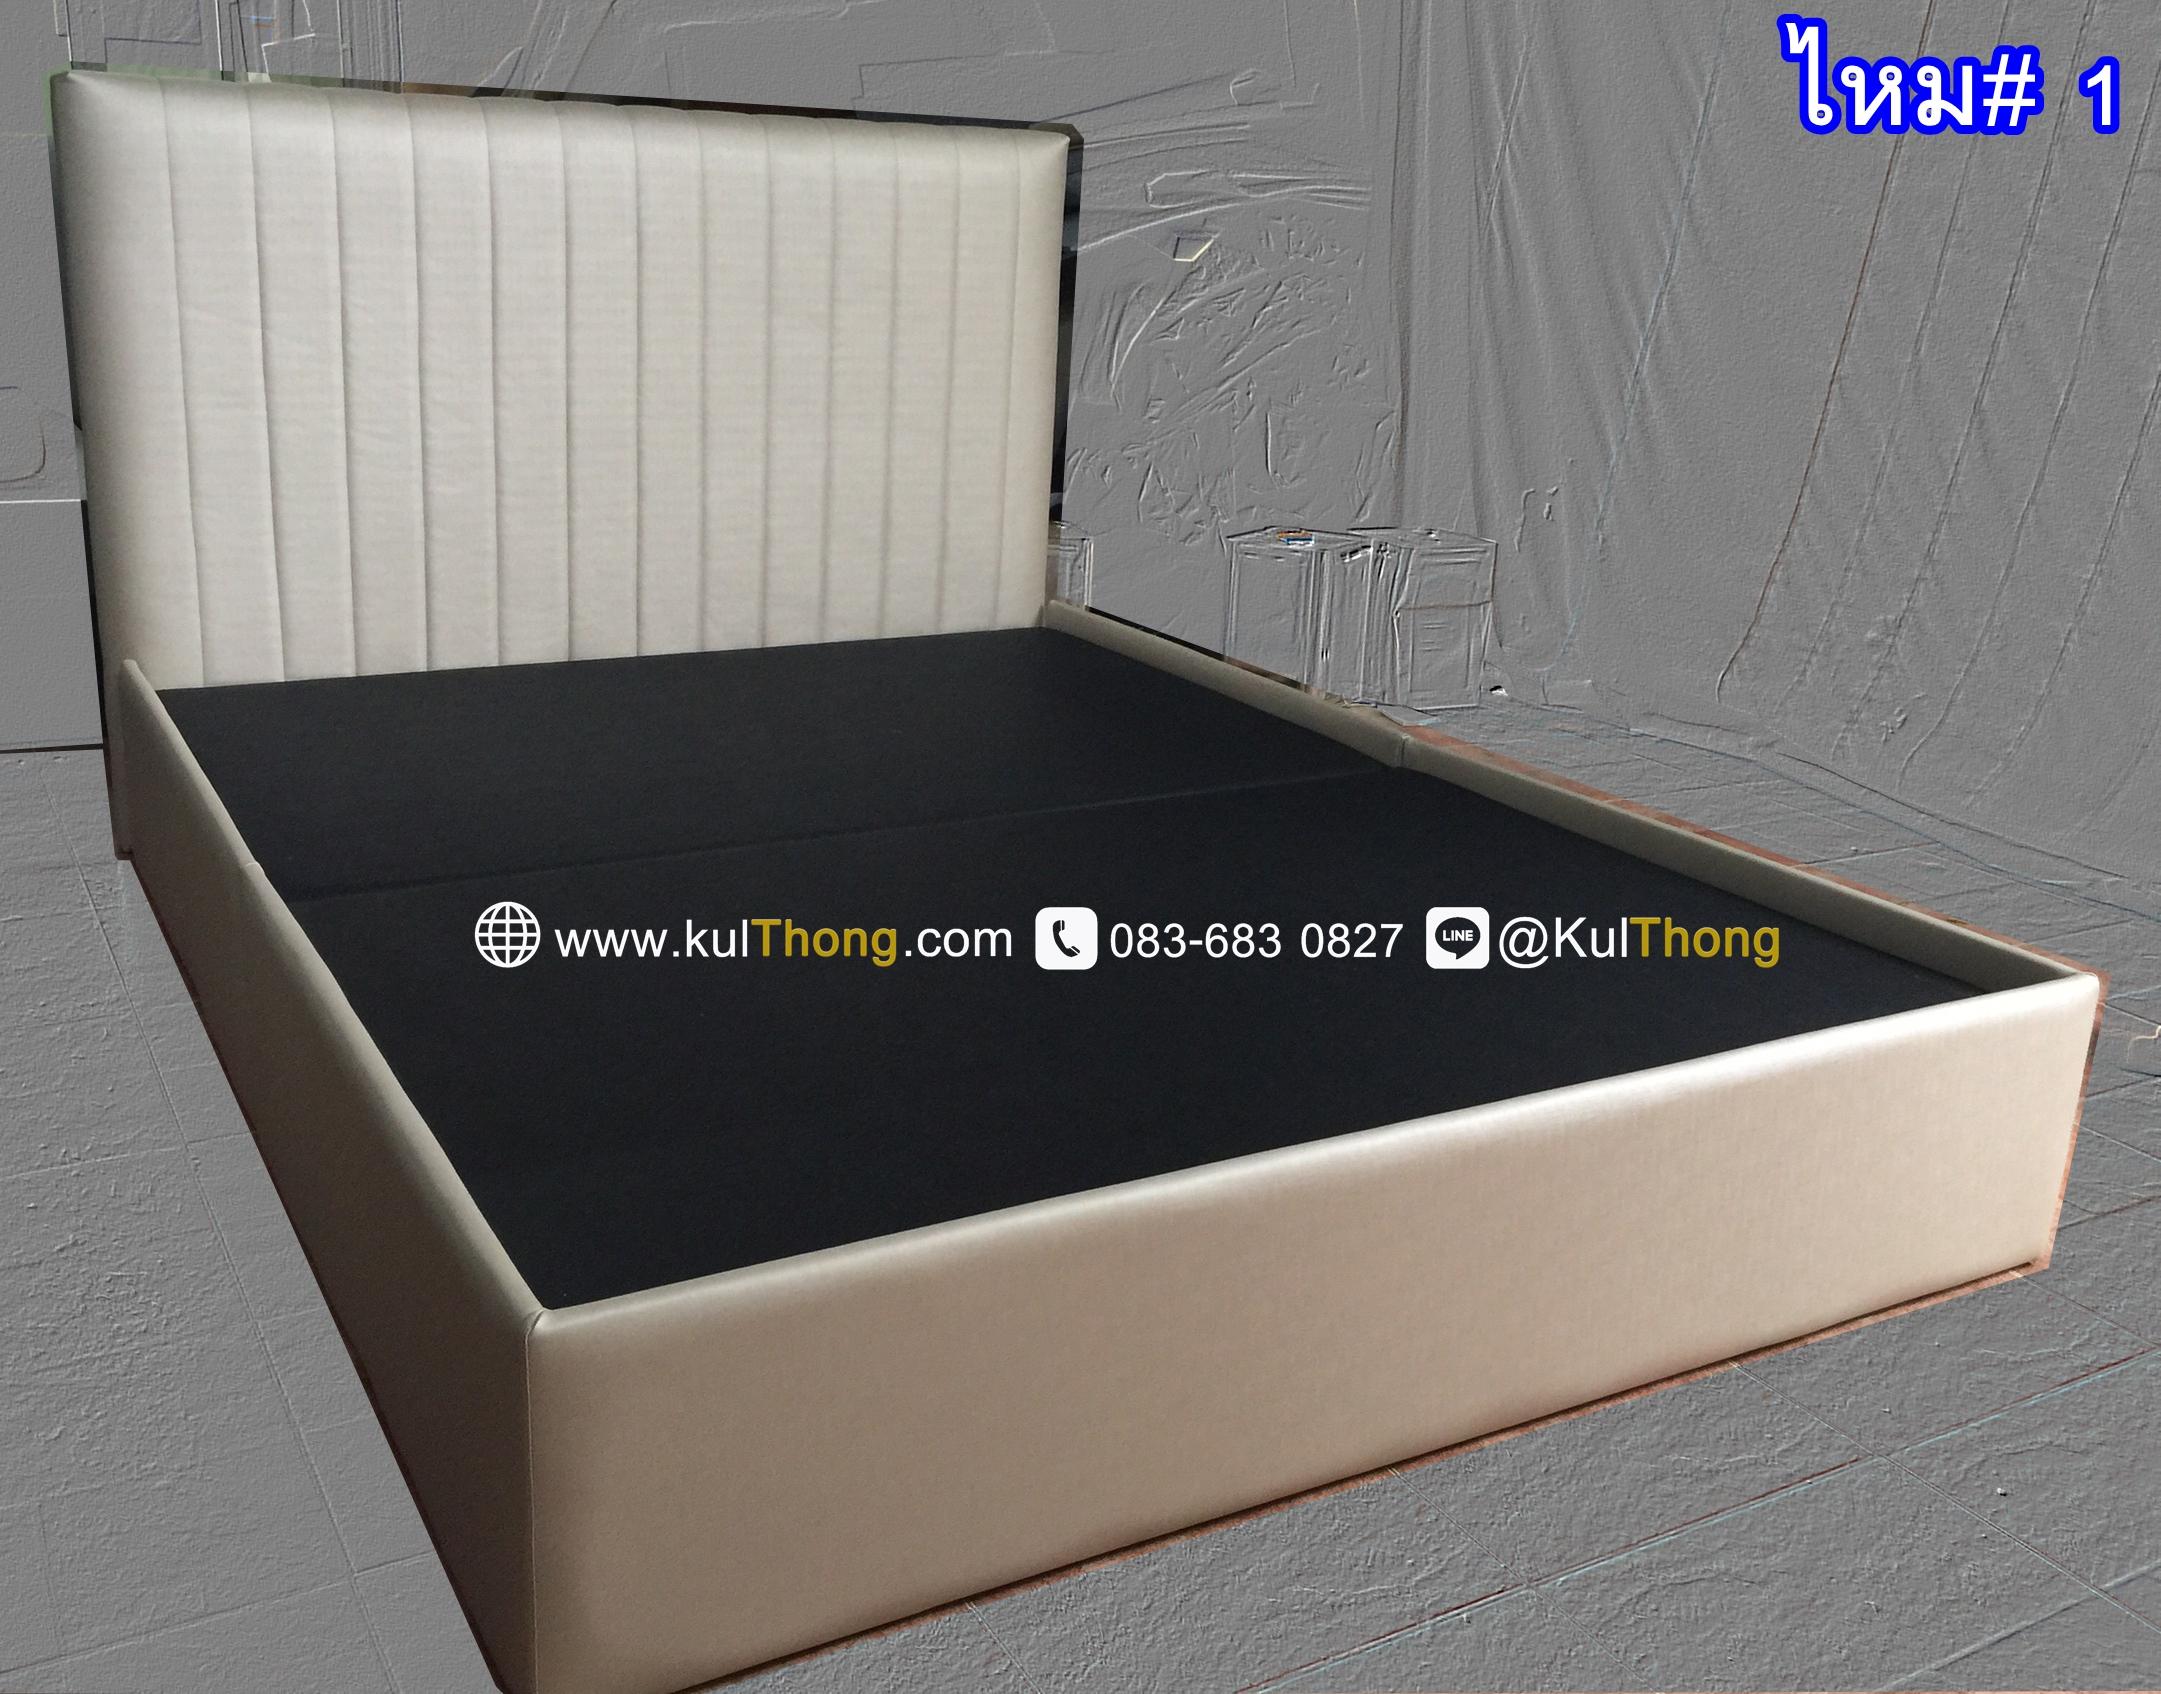 ฐานรองที่นอน เตียงแบบมีหัวเตียง เตียงดีไซน์